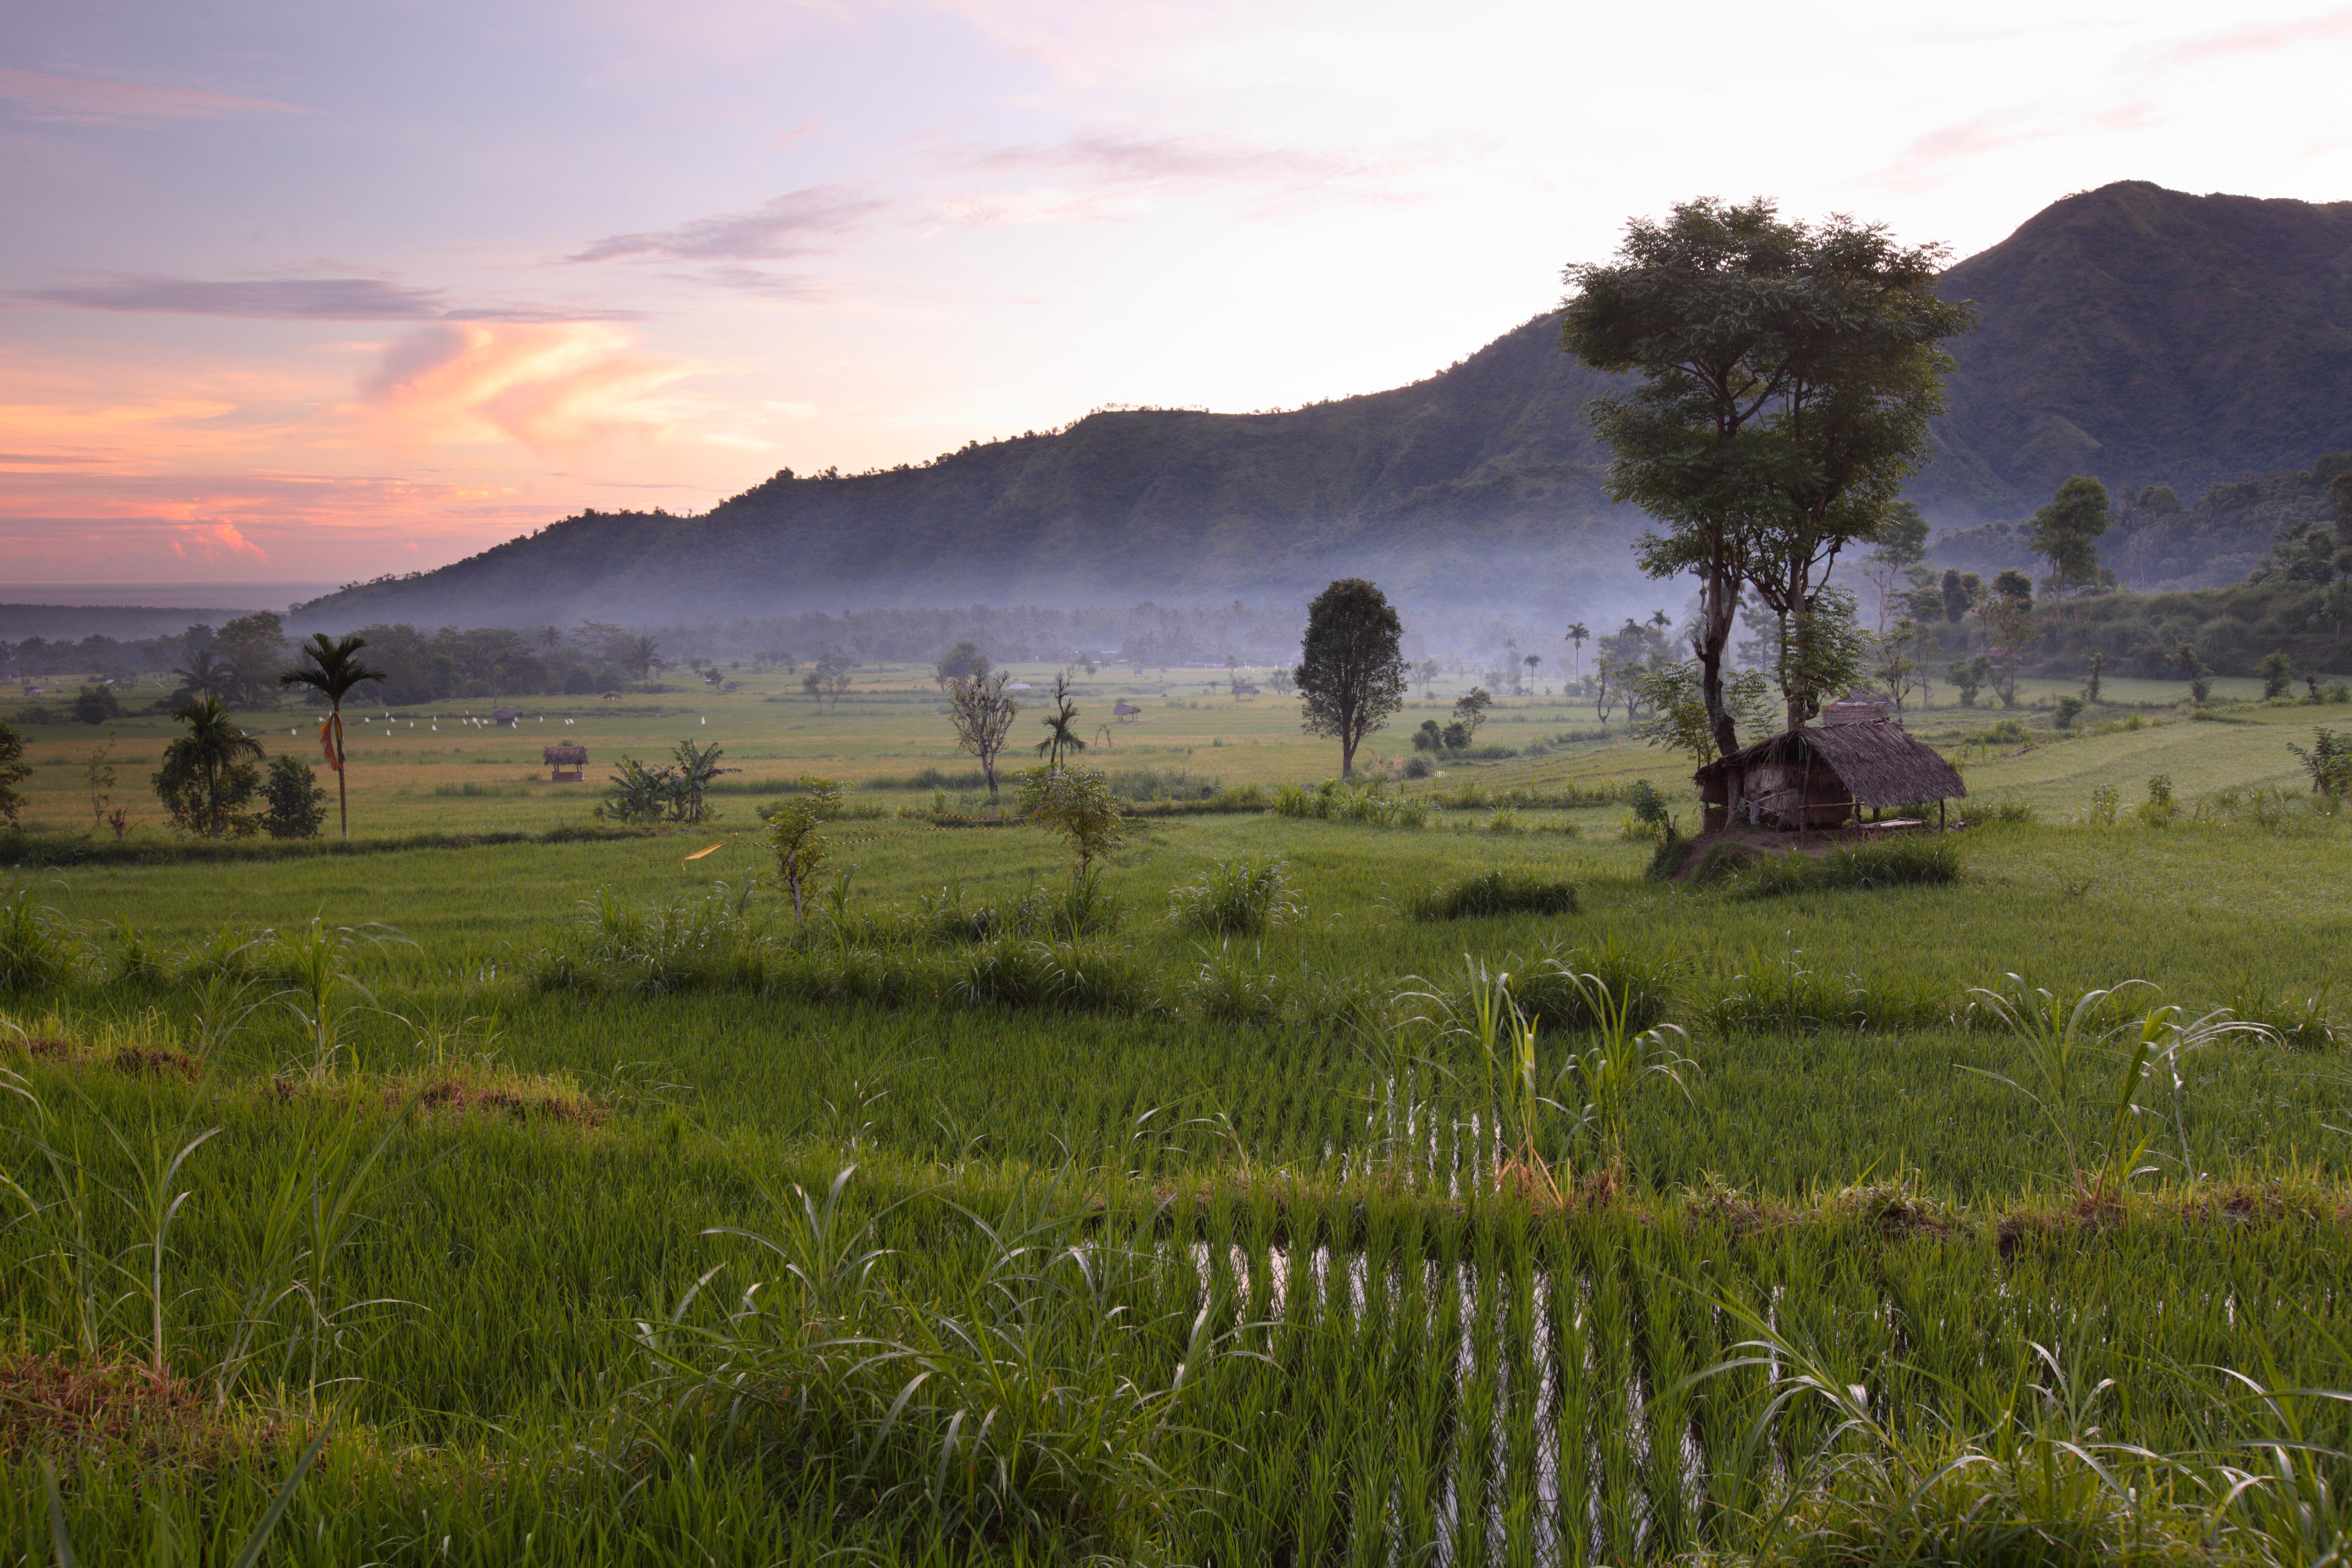 Bali Rundreise -Landschaft - Bali Barat Nationalpark - Bali Indonesien Reisen